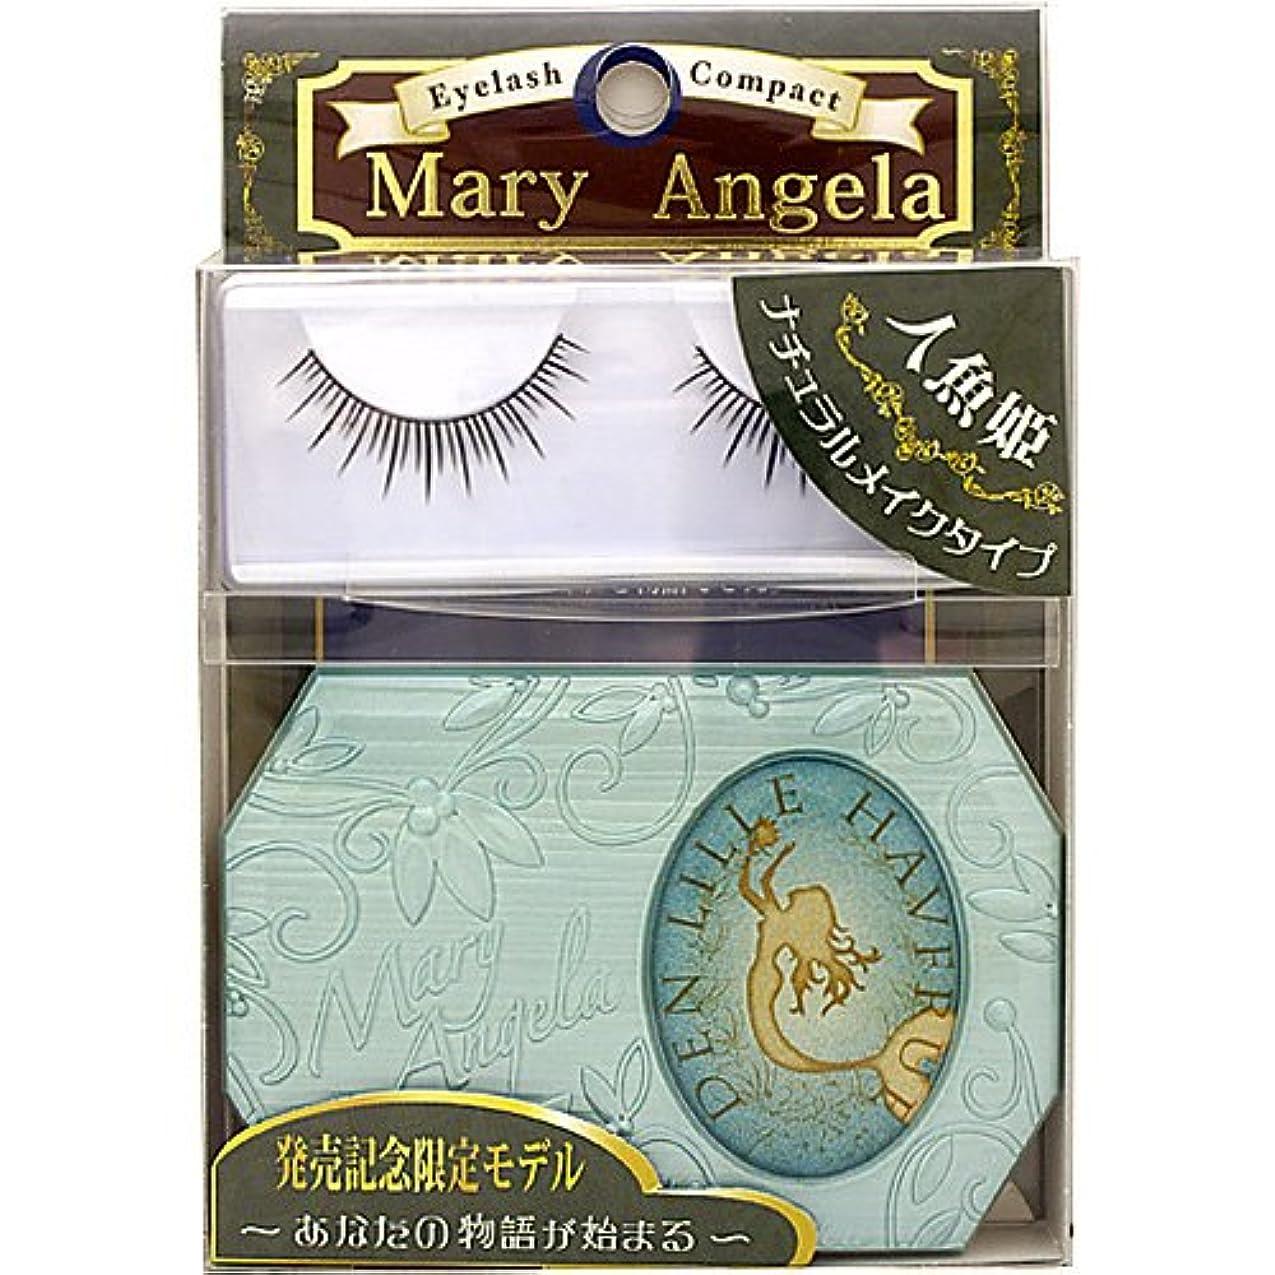 変装したステートメント取り替えるMILCA ミルカ MaryAngela マリーアンジェラ つけまつげ&つけまつげケース 人魚姫